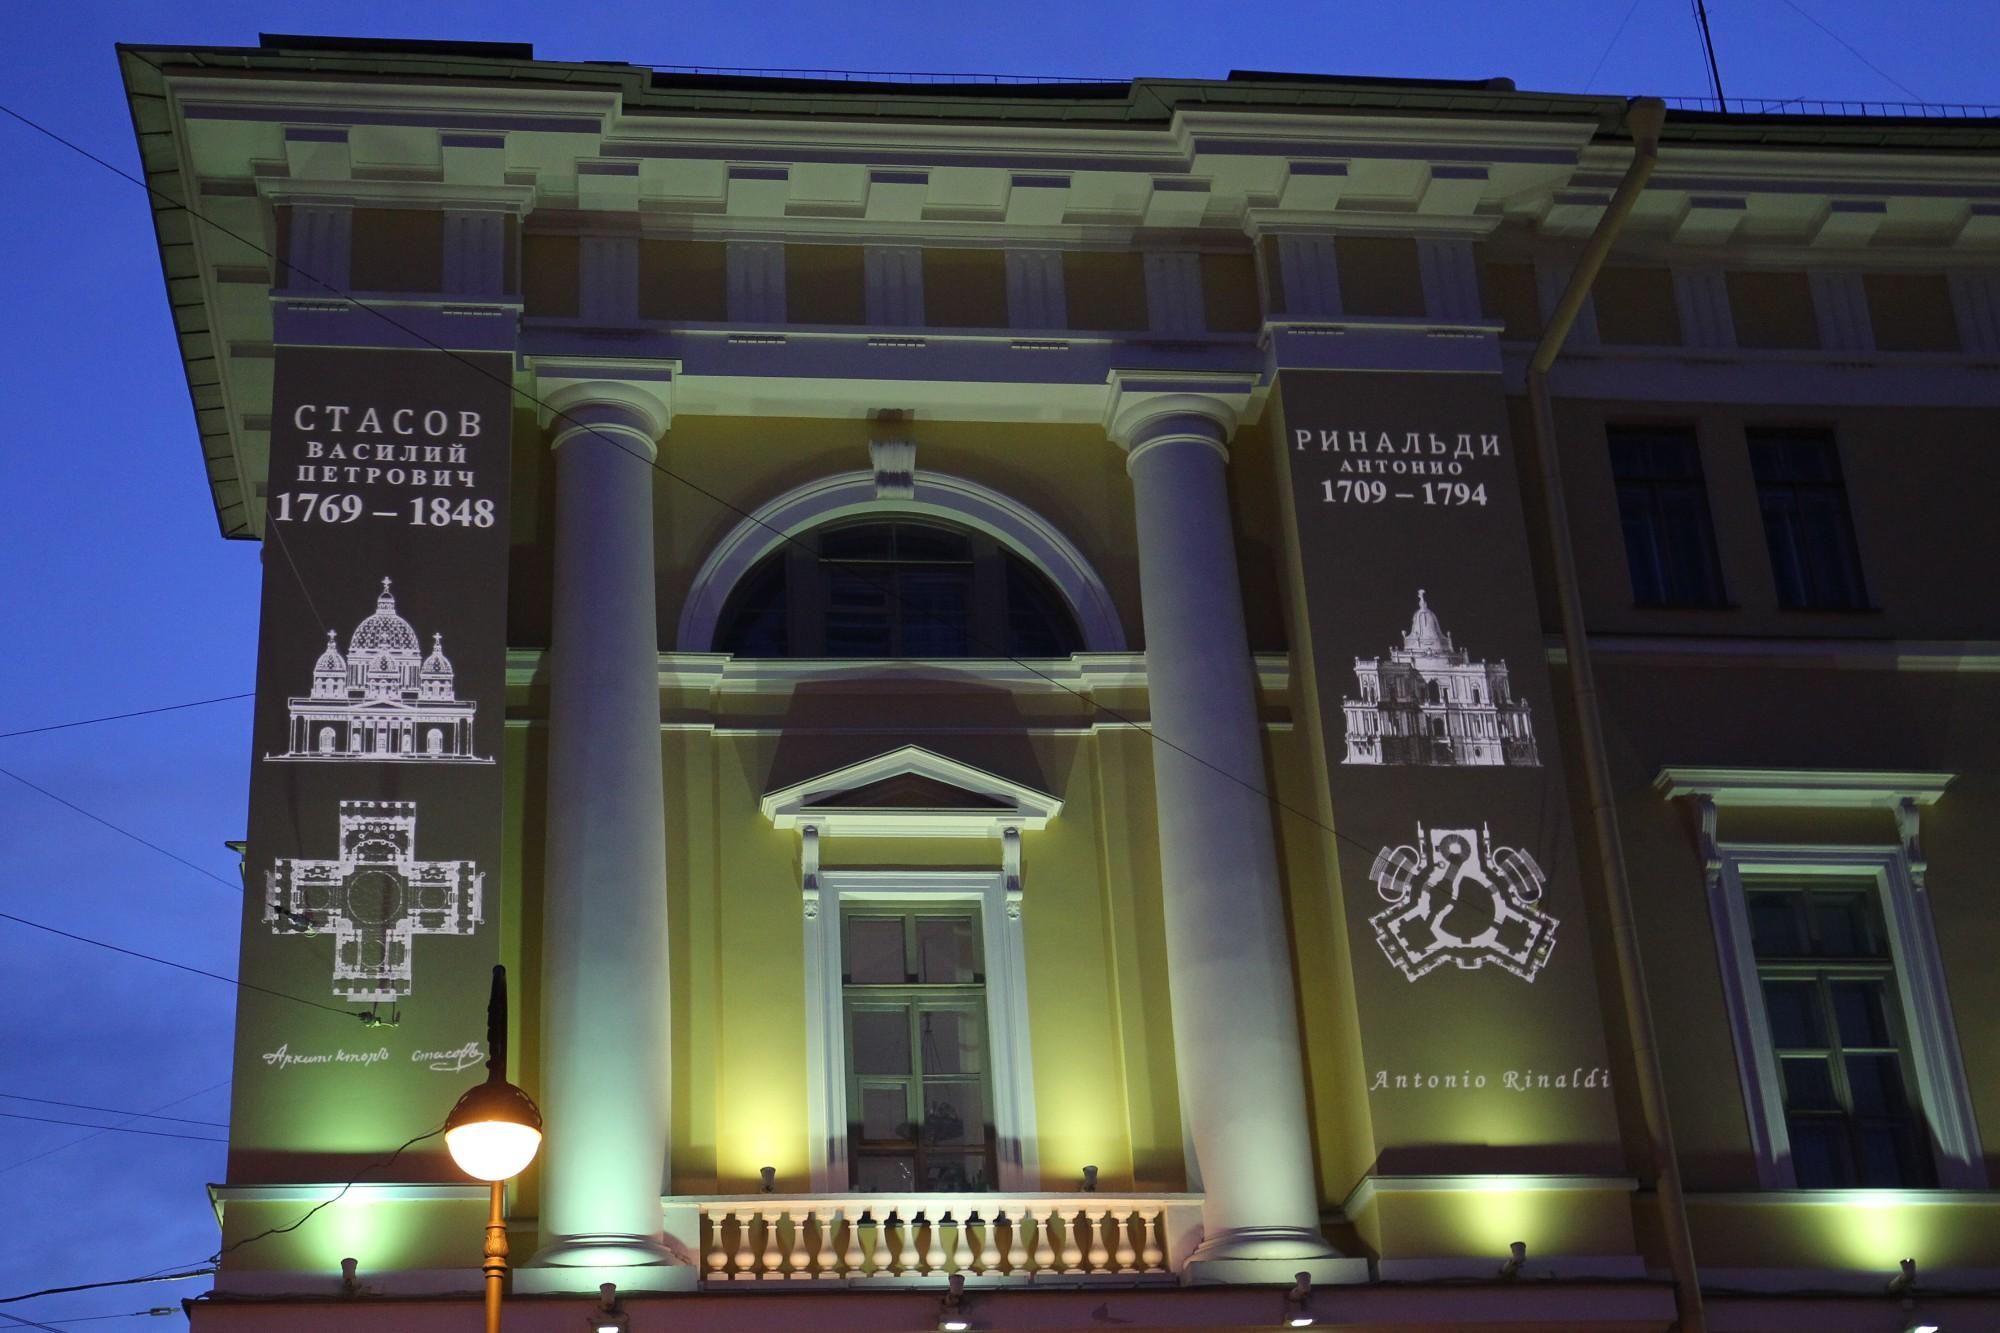 световая проекция, подсветка, здание КГИОП, площадь Ломоносова